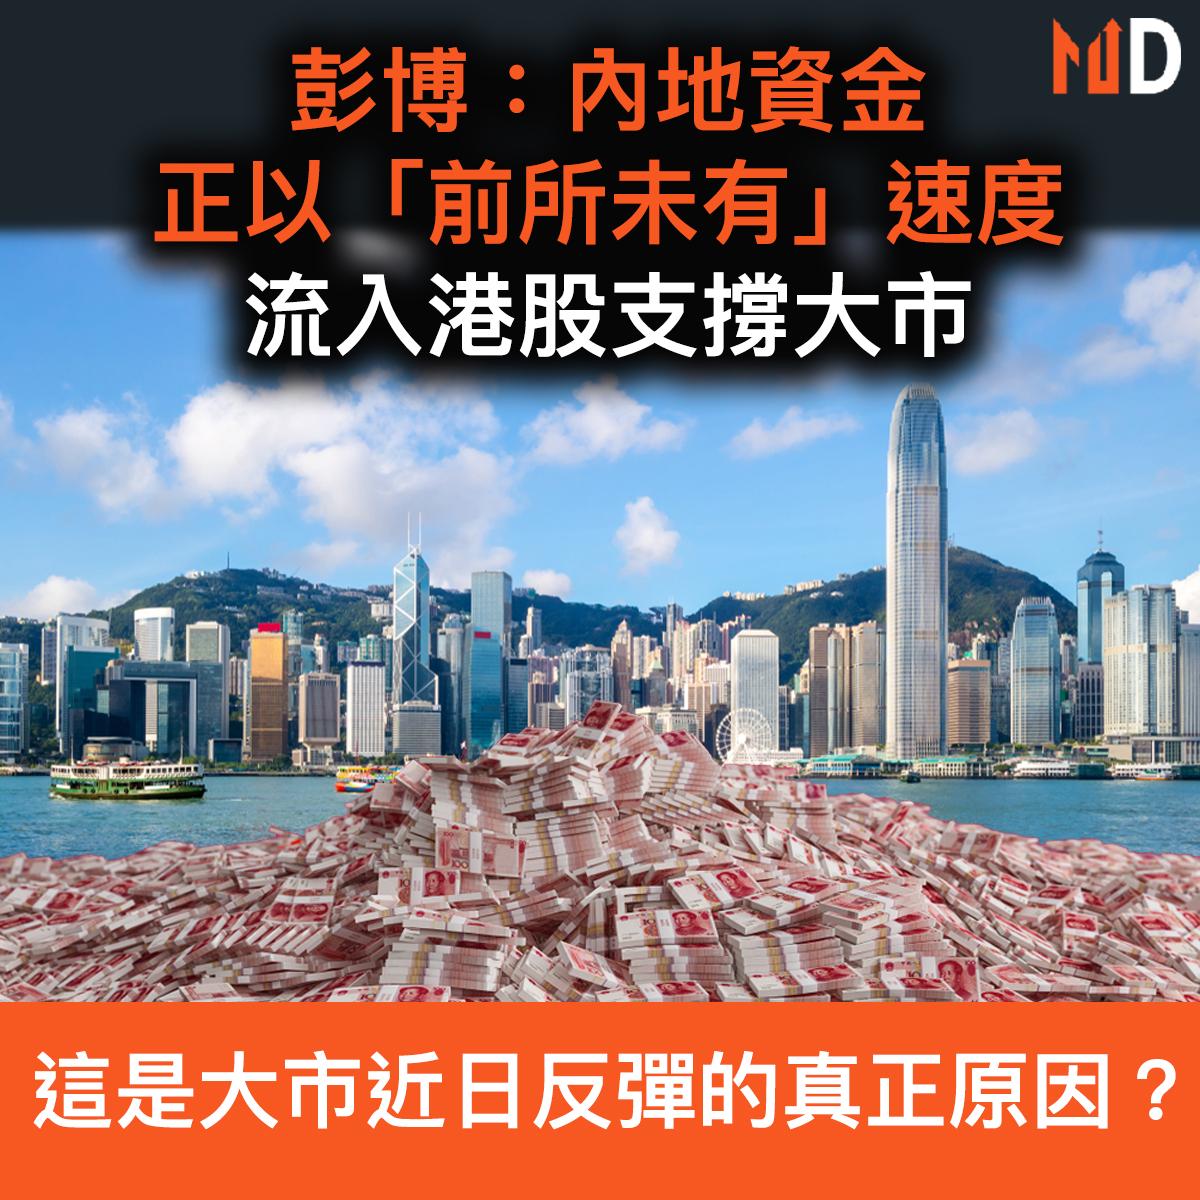 【市場熱話】彭博:內地資金正以「前所未有」速度,流入港股撐大市